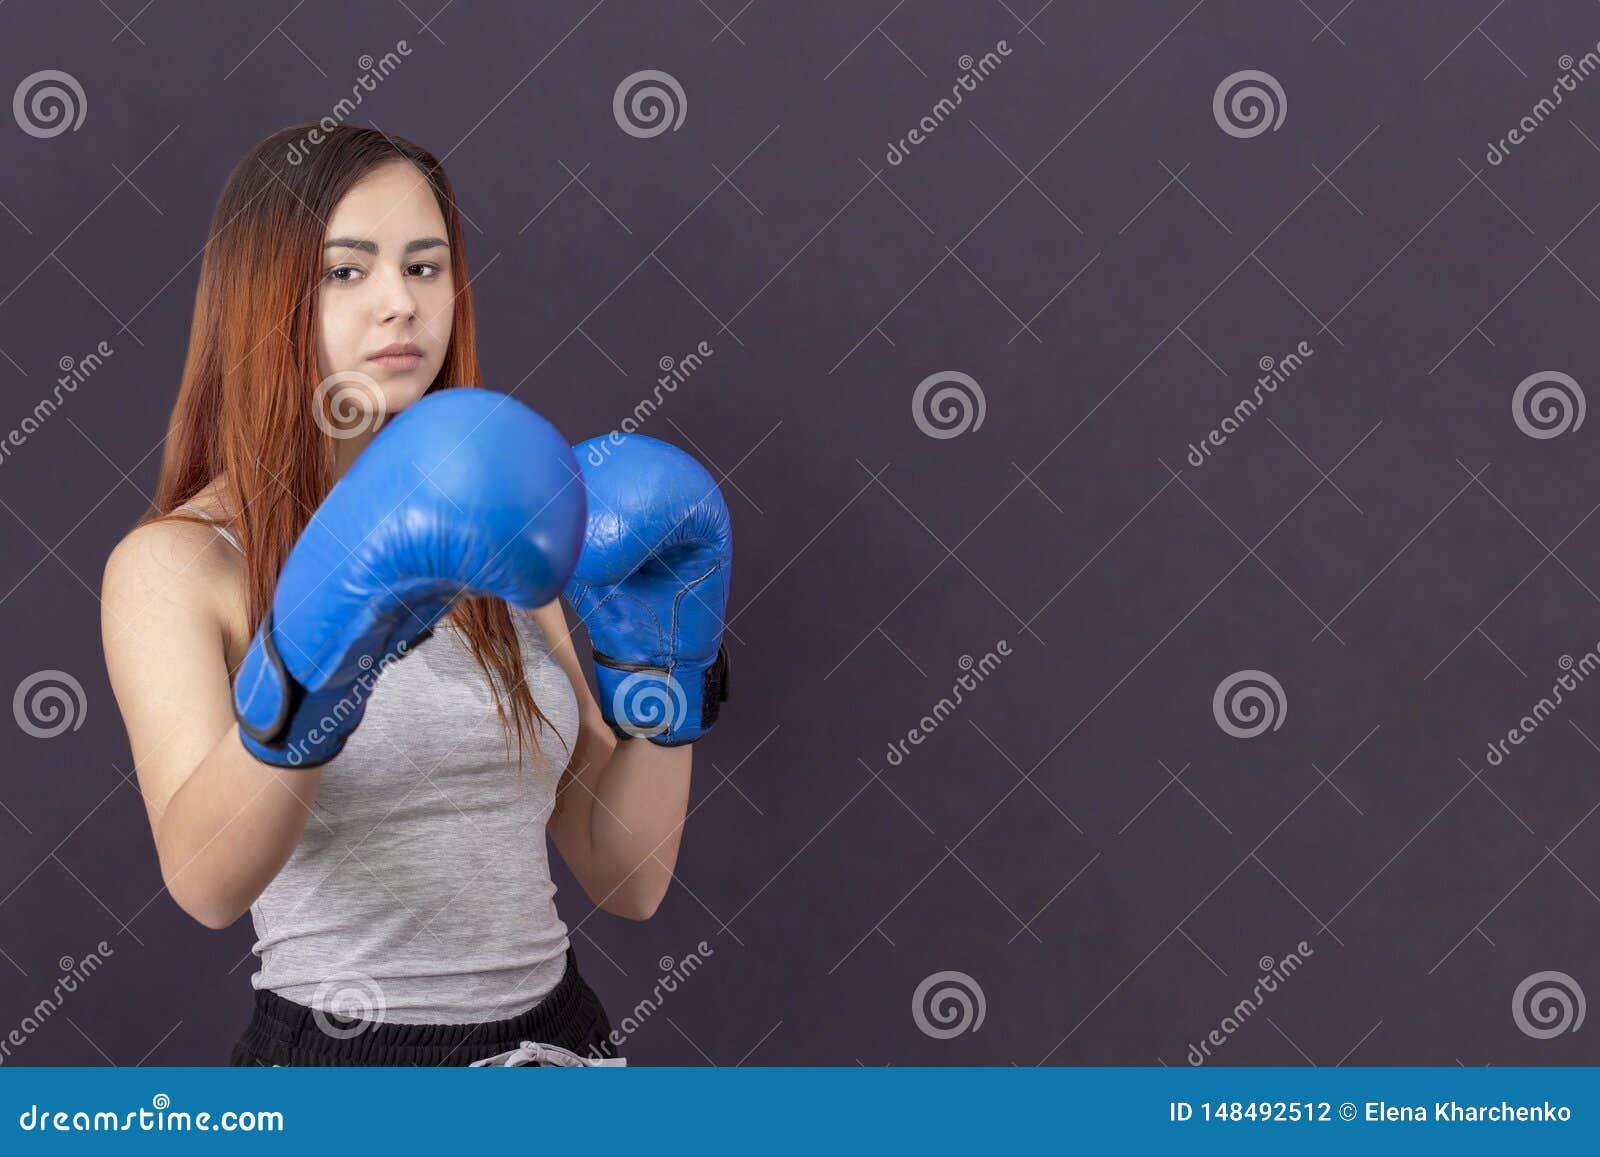 蓝色拳击手套的拳击手女孩在机架的一件灰色T恤杉